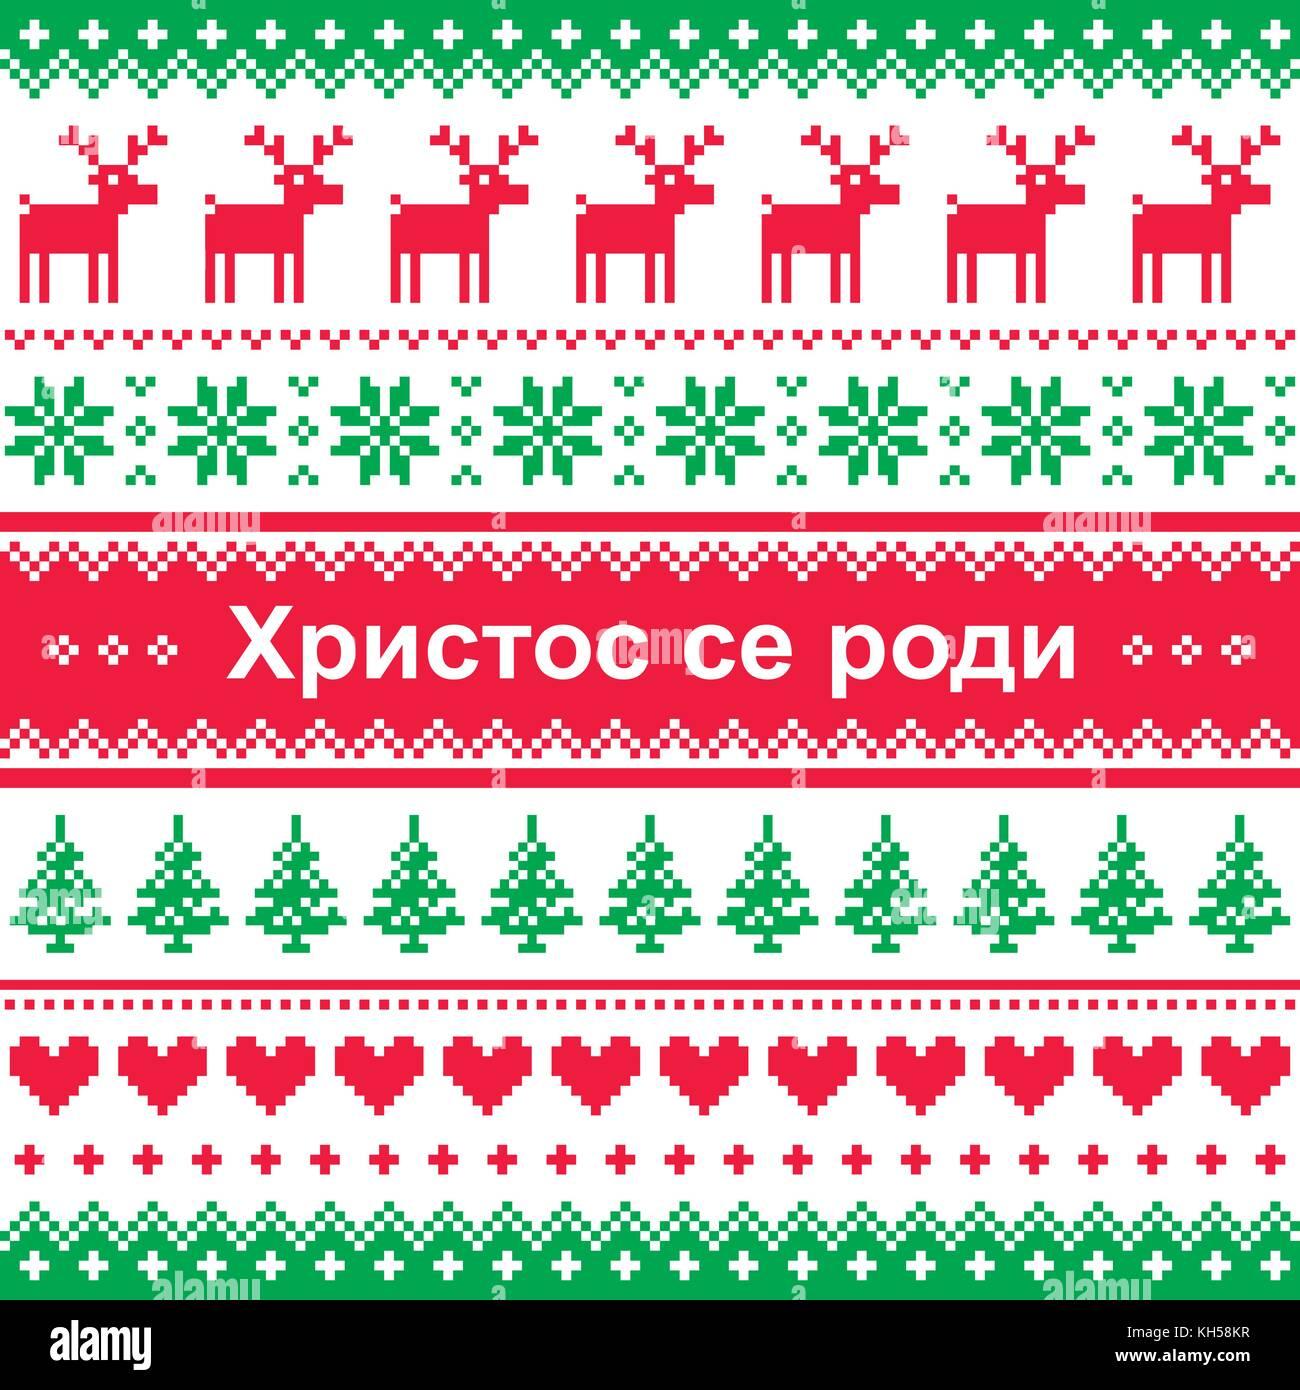 Frohe Weihnachten Serbisch.Frohe Weihnachten In Serbischen Und Montenegrinischen Vektor